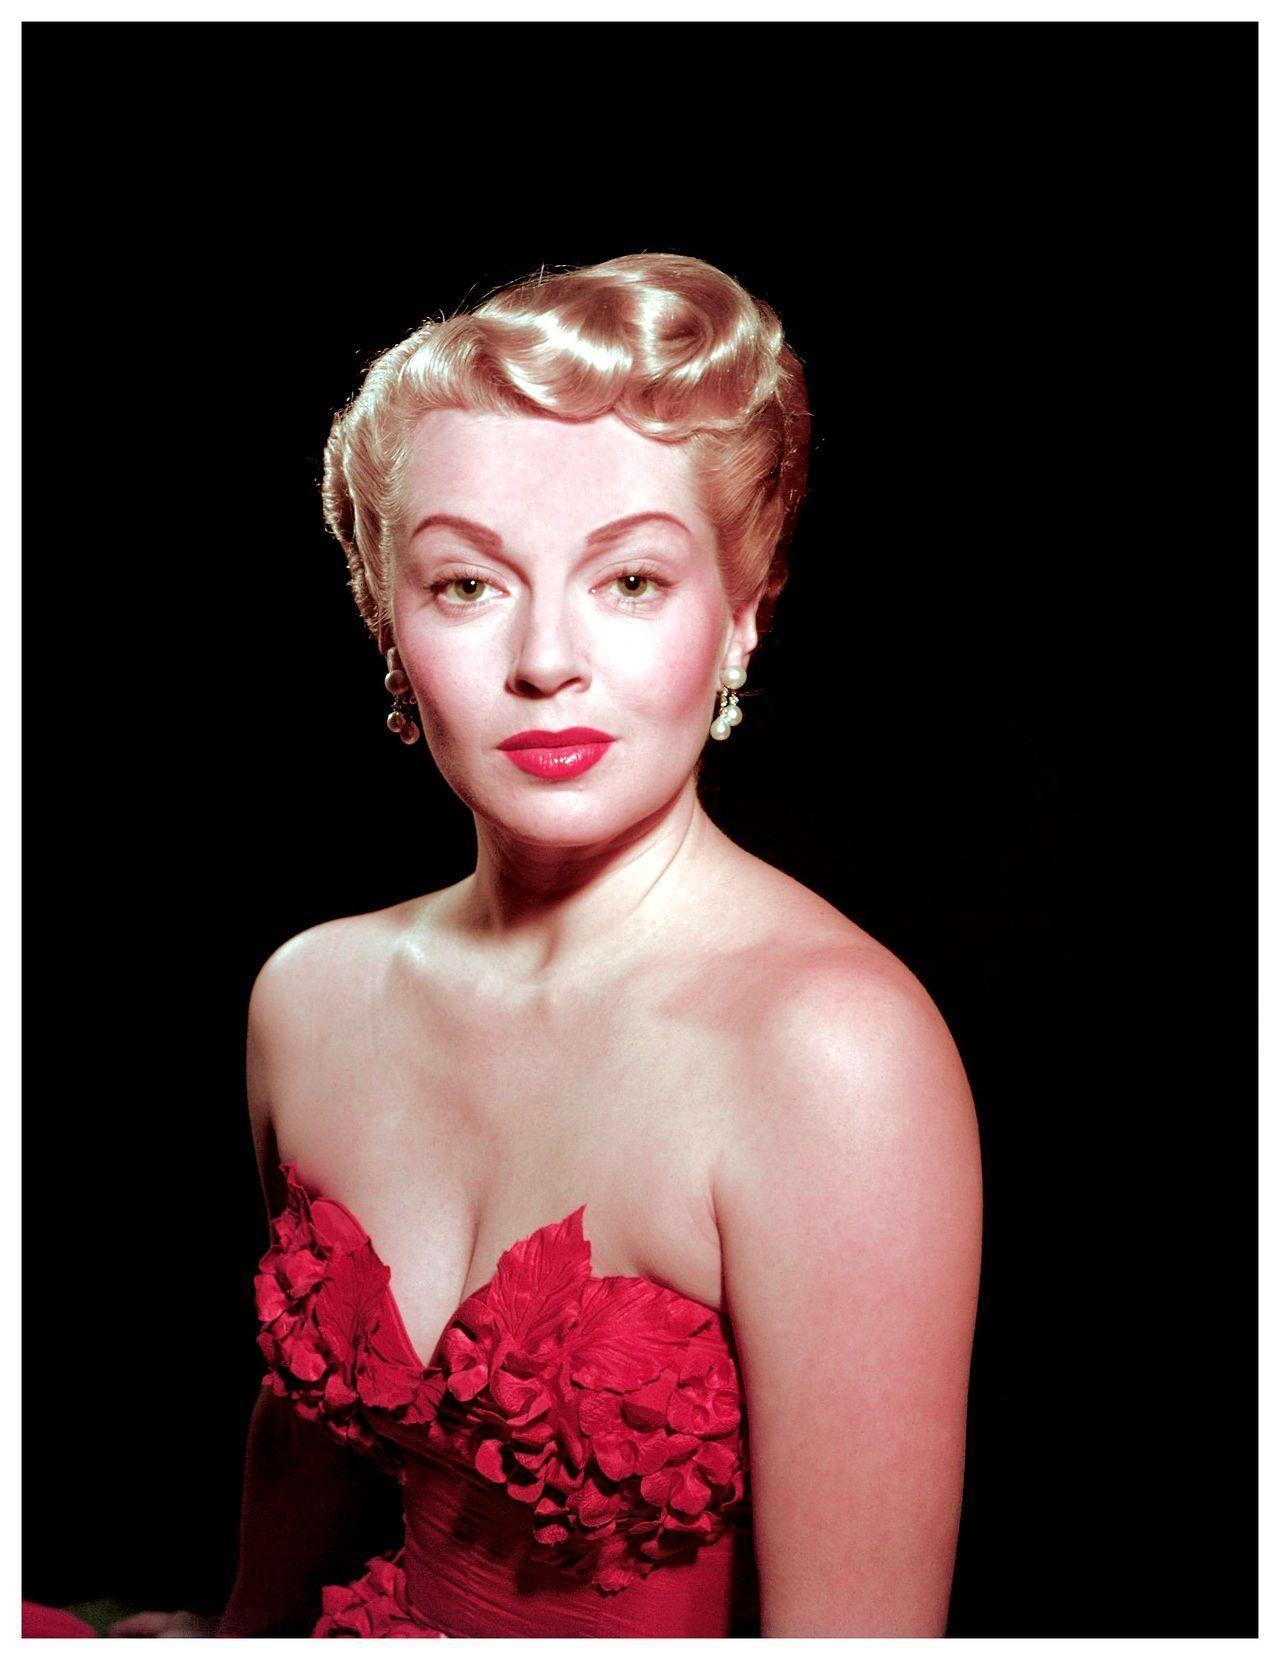 Hermosa Vestido De Fiesta De Hollywood De Edad Modelo - Colección de ...